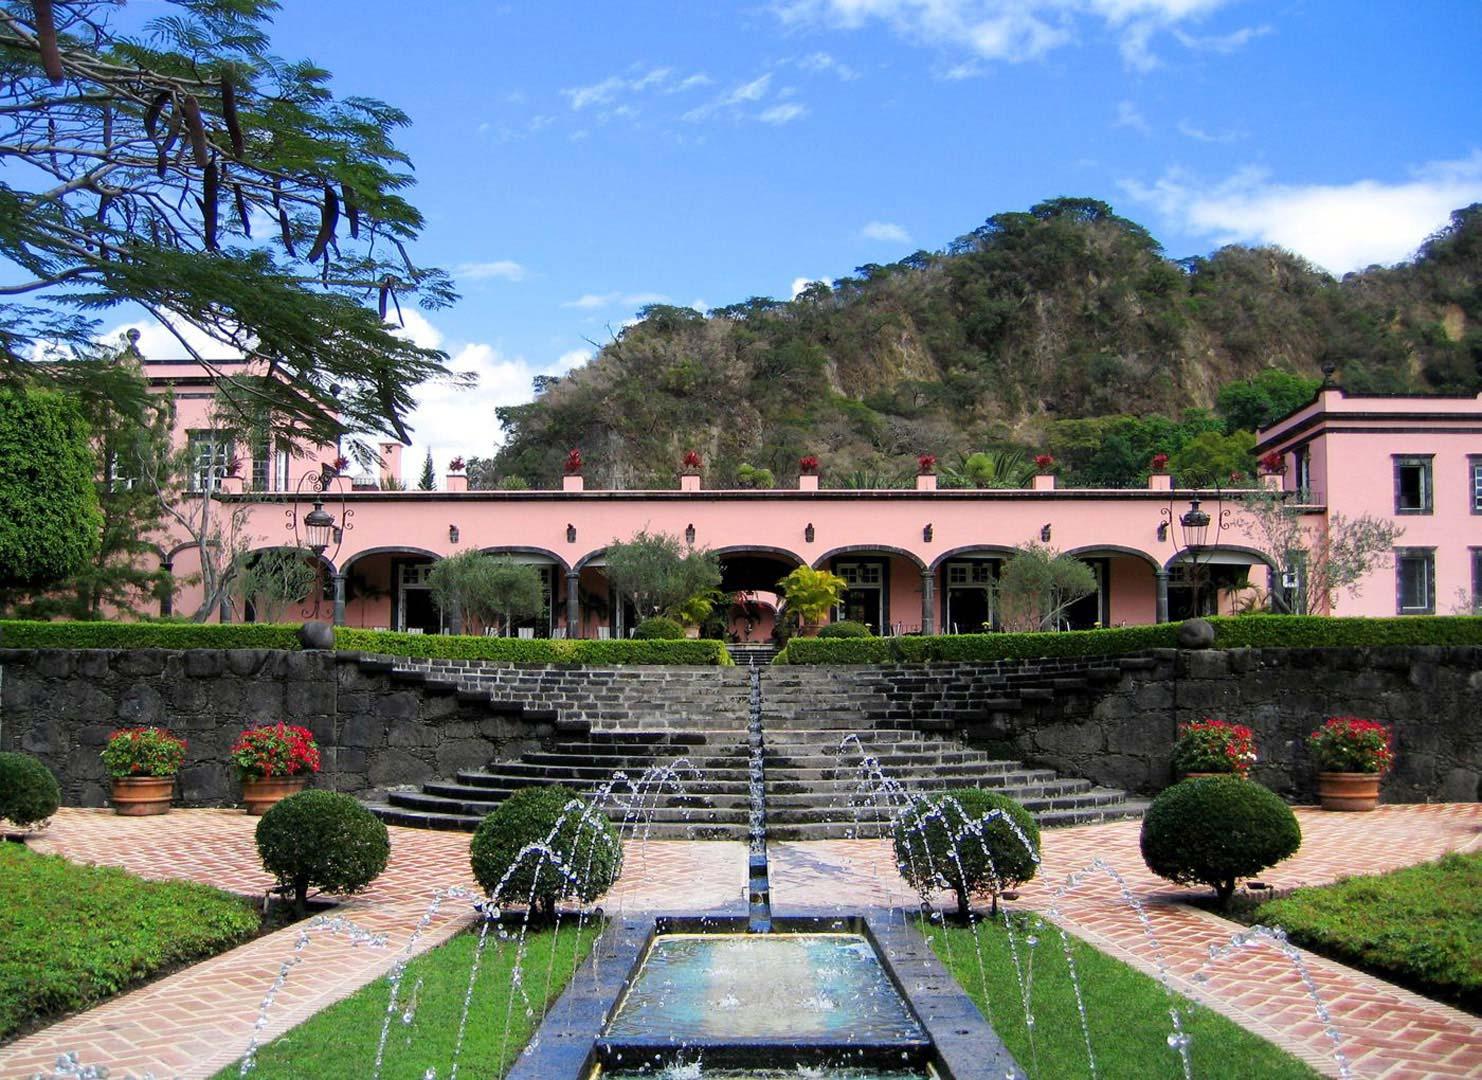 Hotel Hacienda de San Antonio